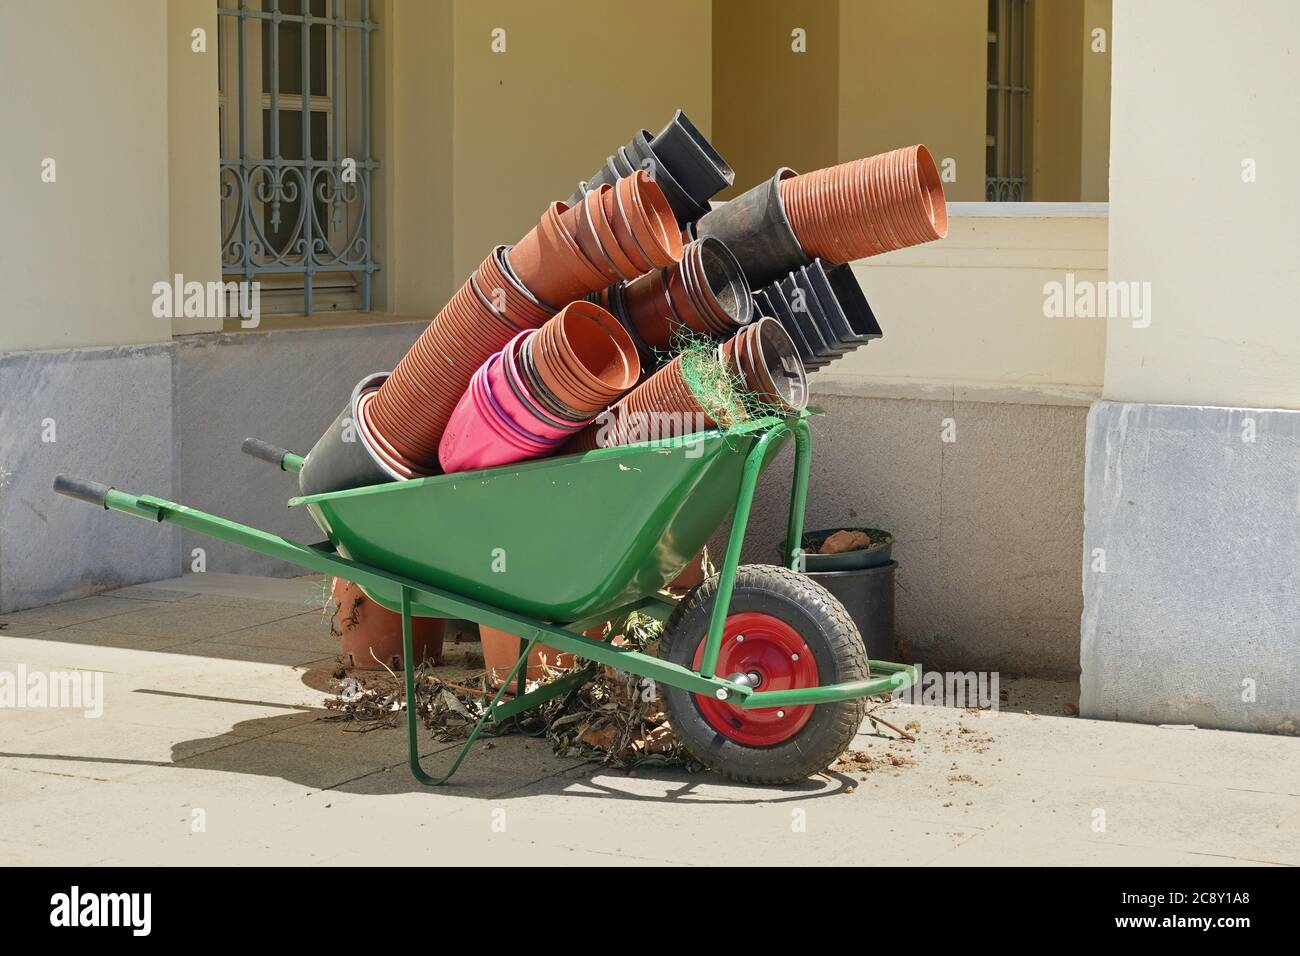 Garten Schubkarre Wagen mit leeren Blumentöpfen. Gartengeräte. Stockfoto